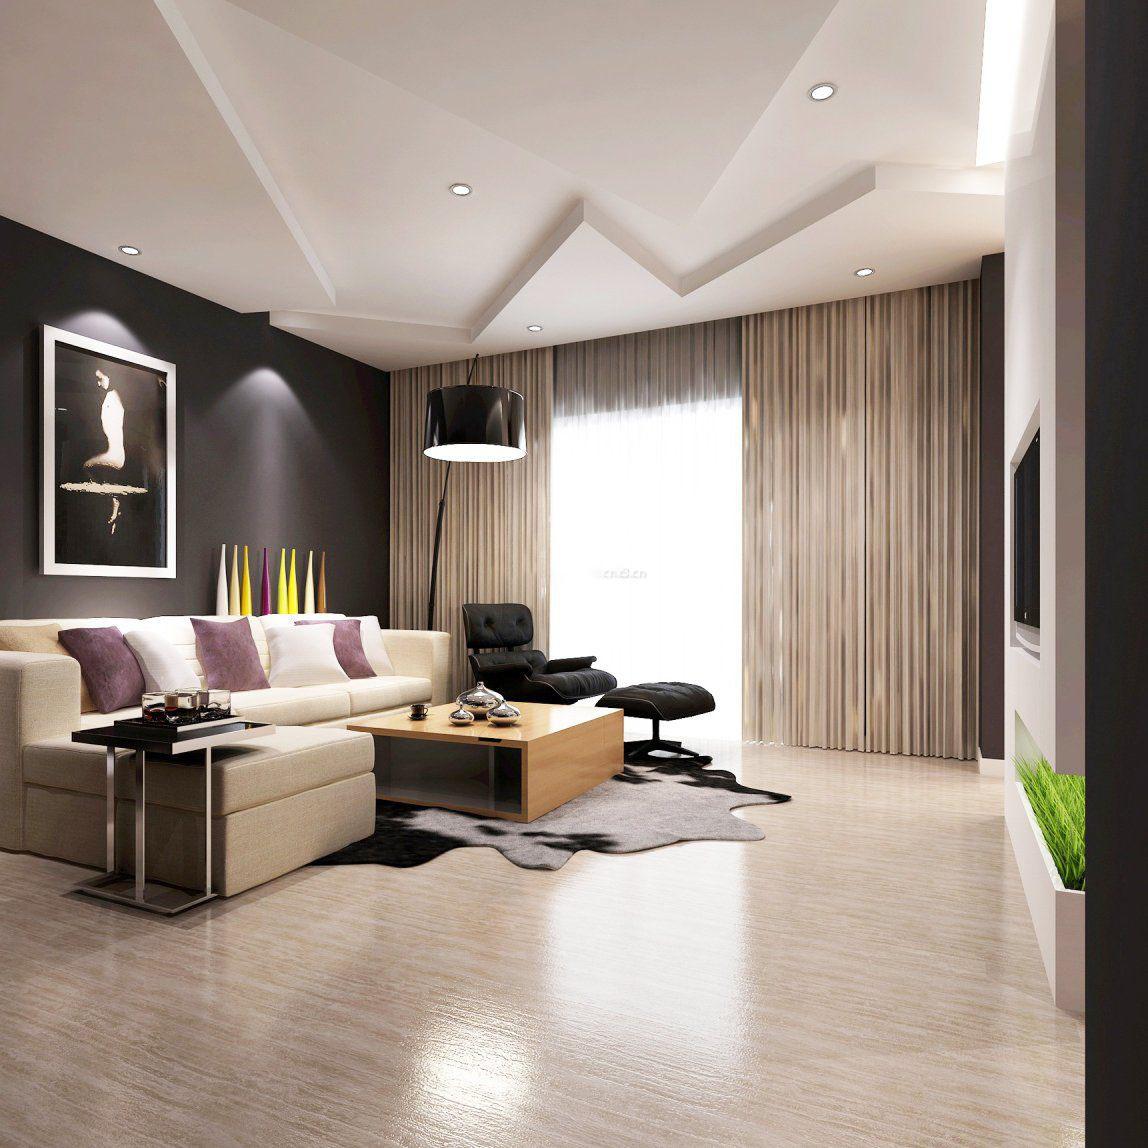 长沙装饰公司丨客厅装修有哪些注意事项?